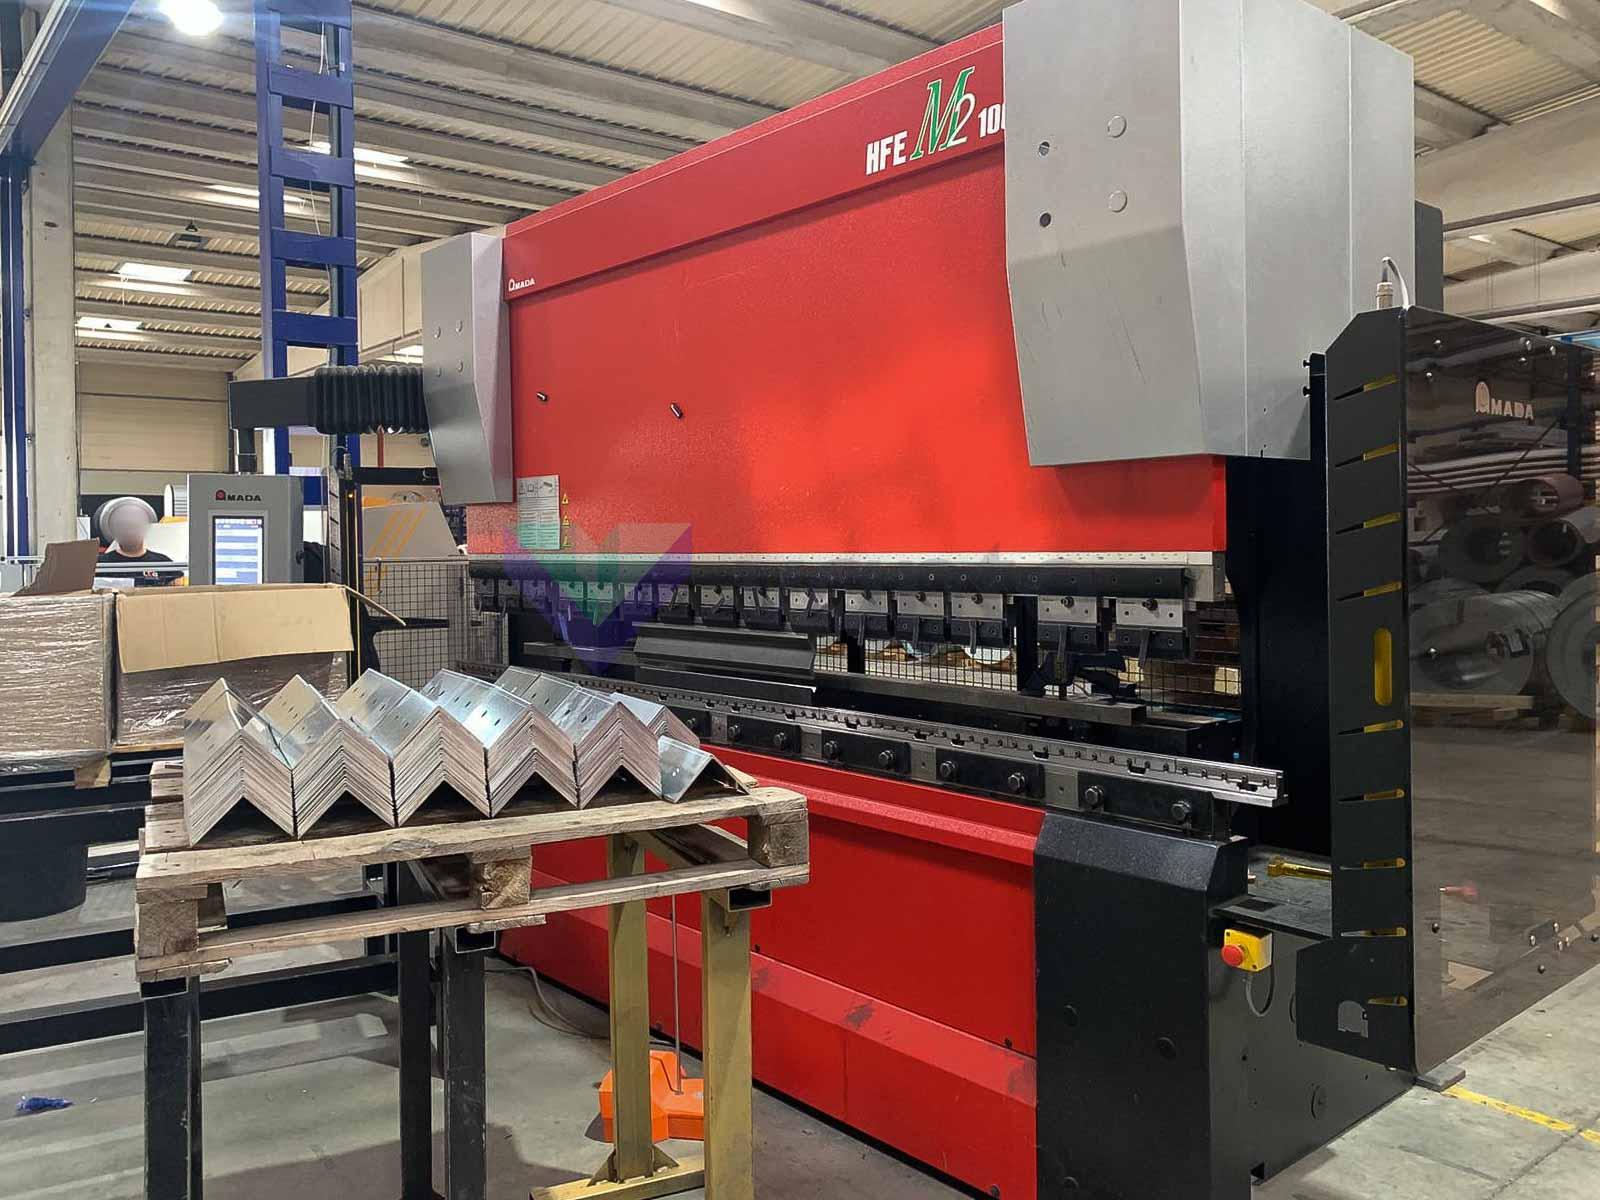 Plegadora CNC AMADA HFE M2 EVO 1003 (2017) id10384